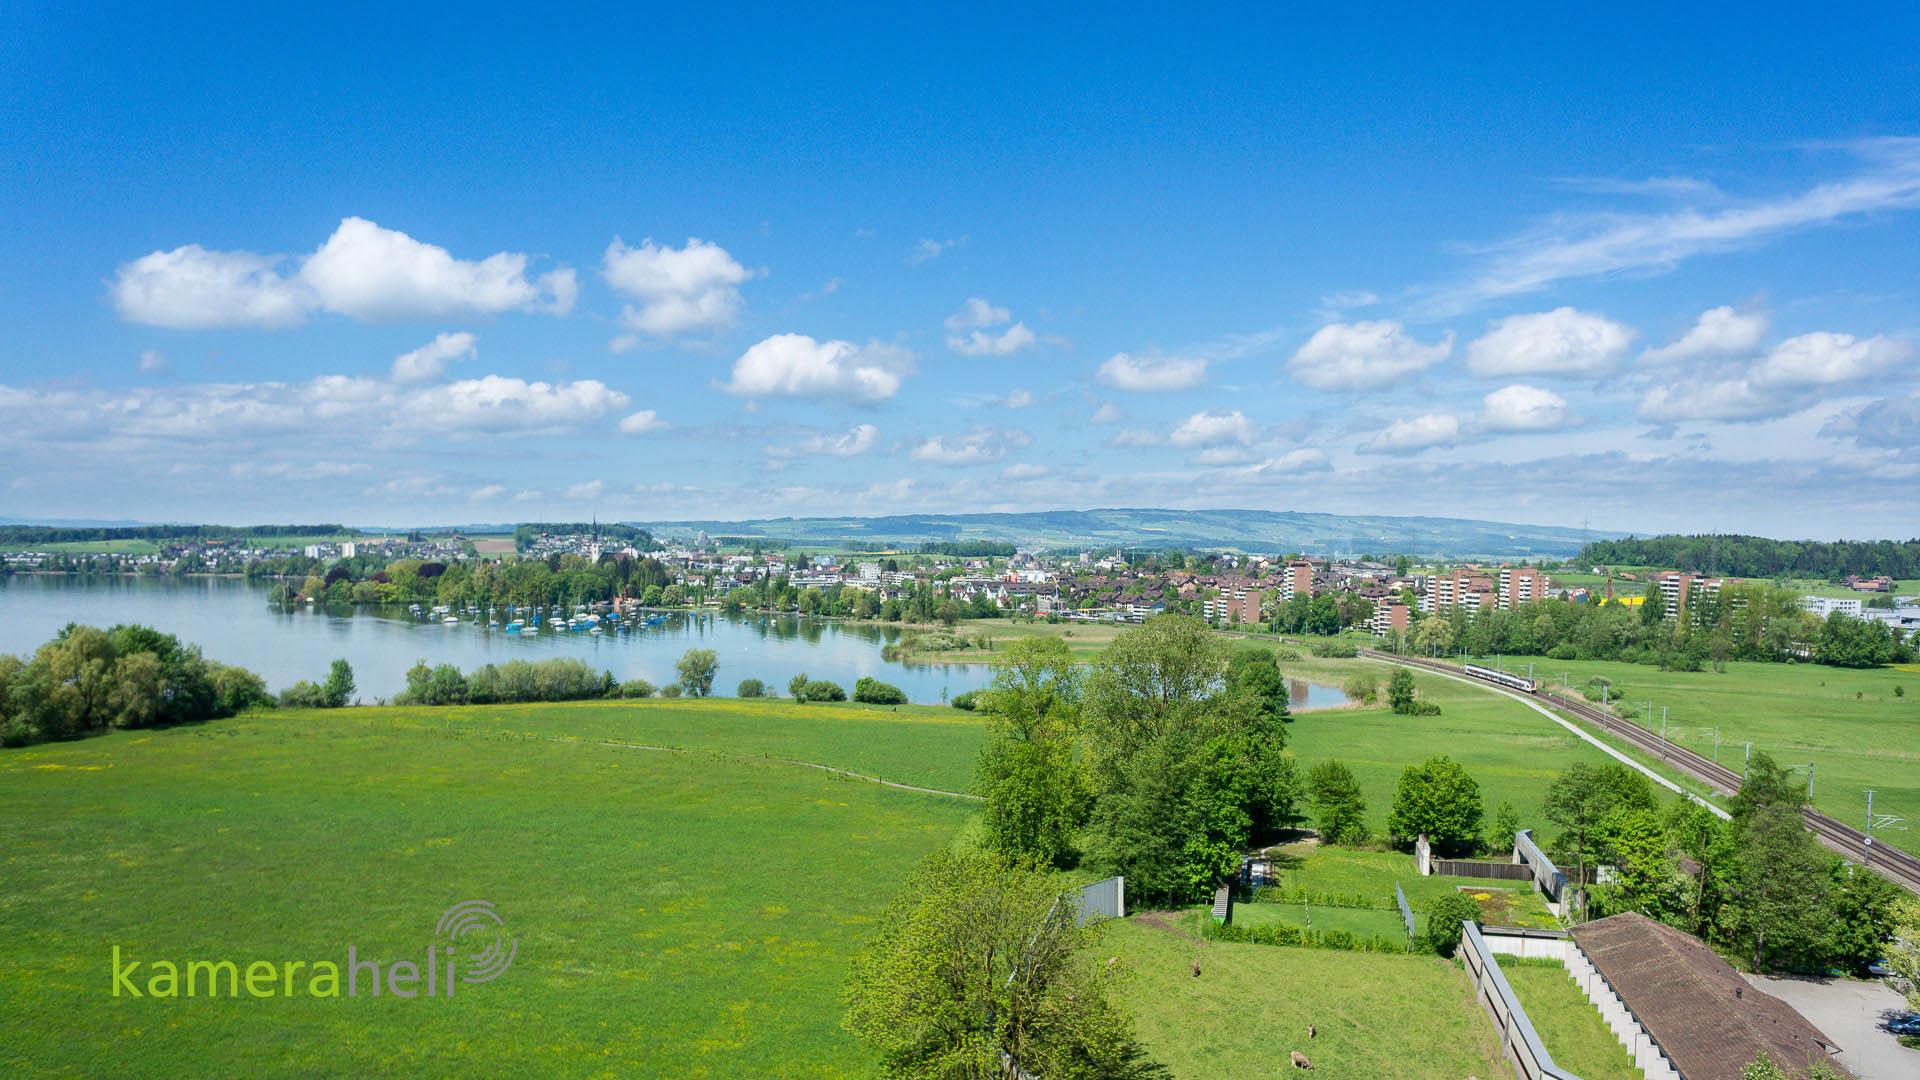 kameraheli @ Cham, Steinhausen, Zug